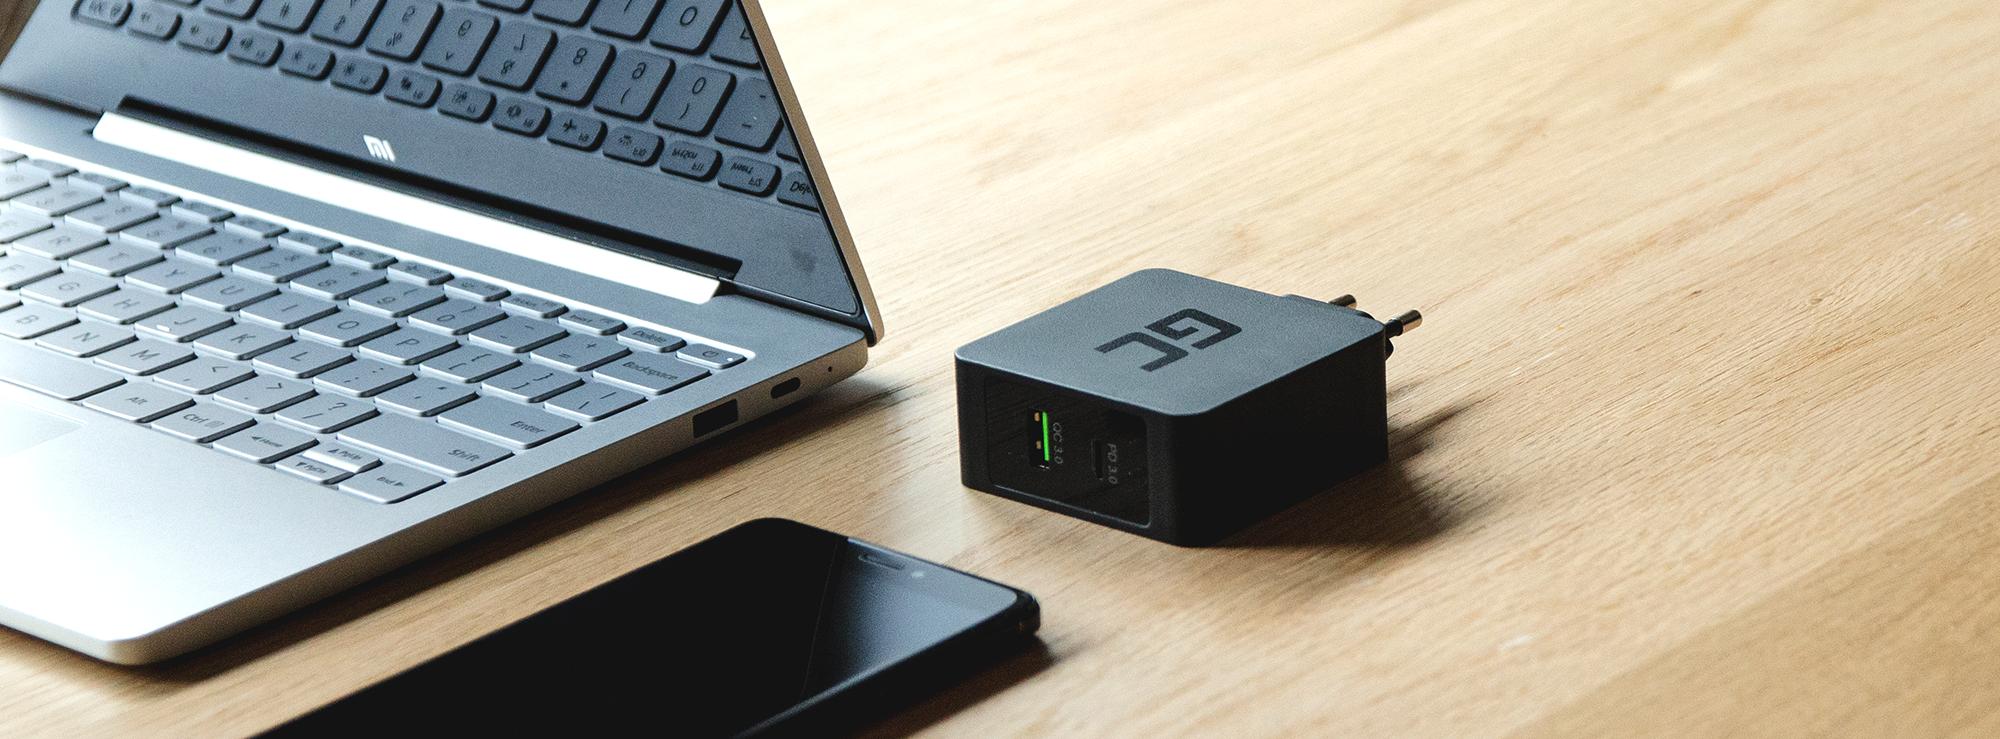 Ładowarka USB-C Power Delivery 30W - Ładowanie telefonu